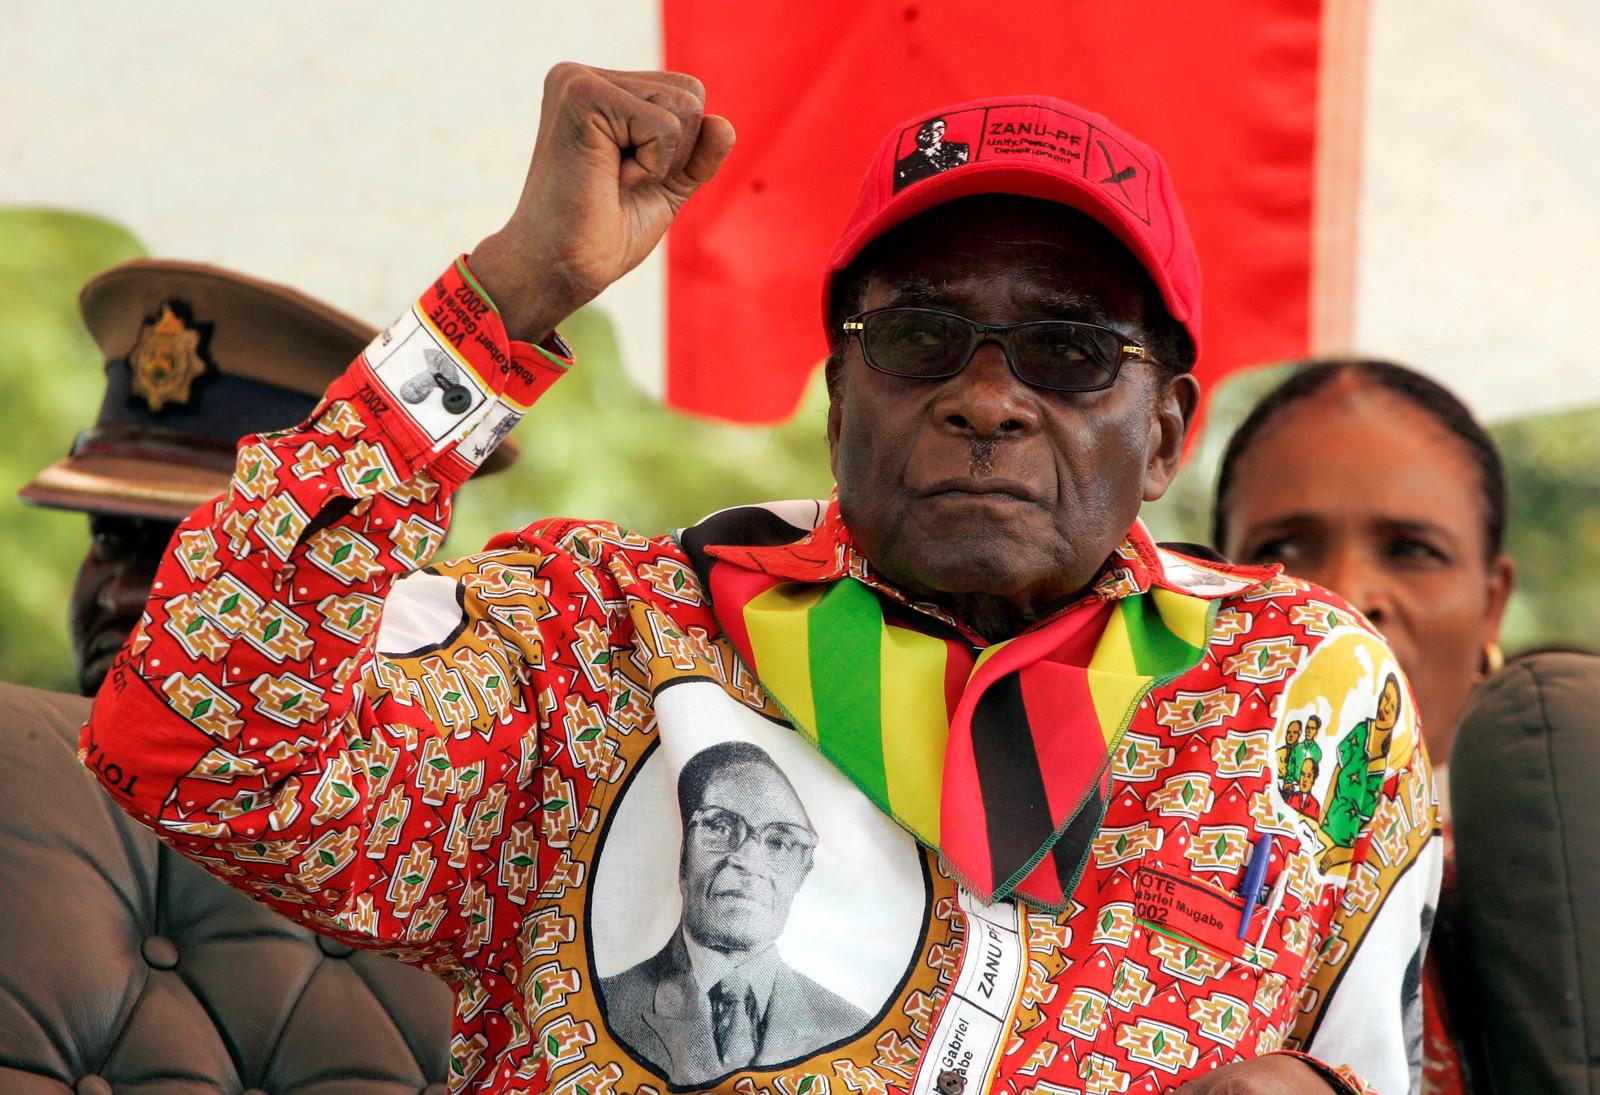 ZIMBABWE-POLITICS/MUGABE